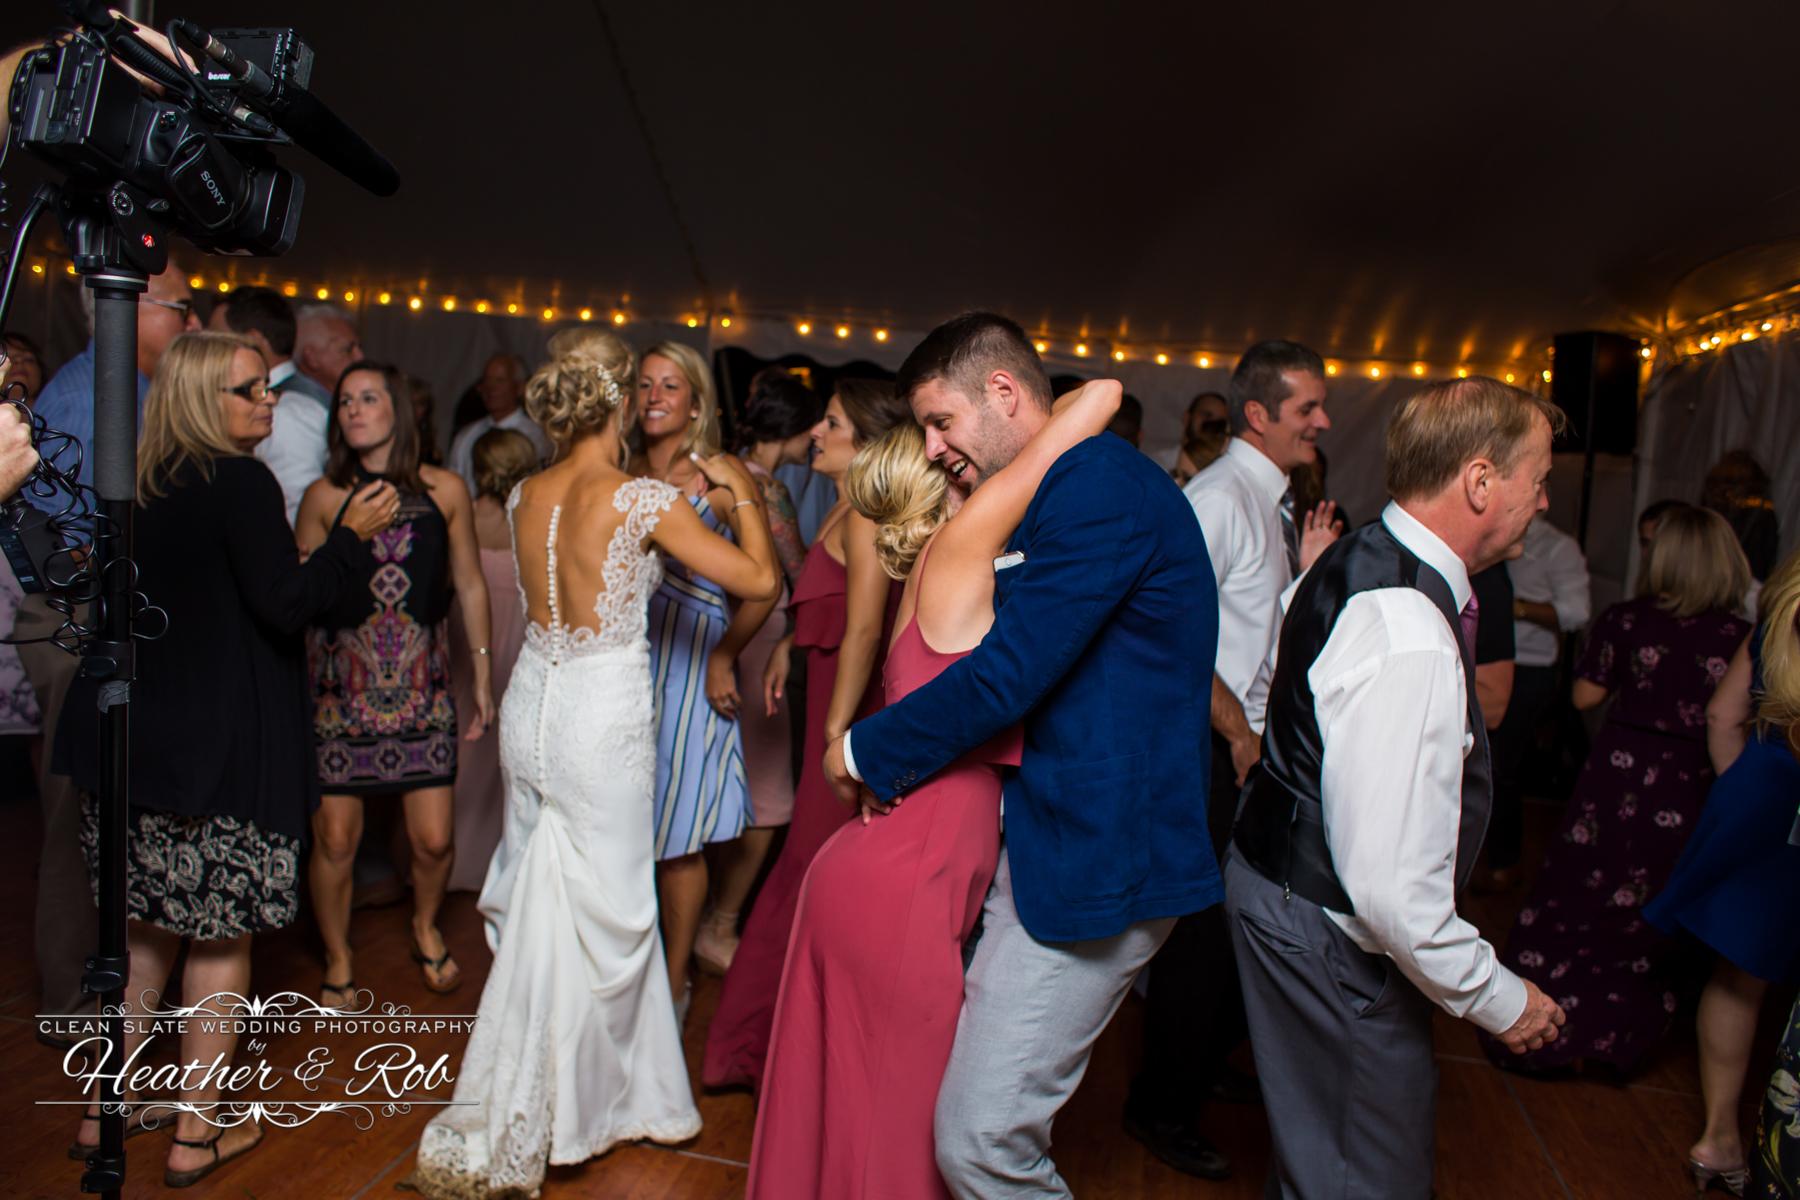 wedding guests slow dancing